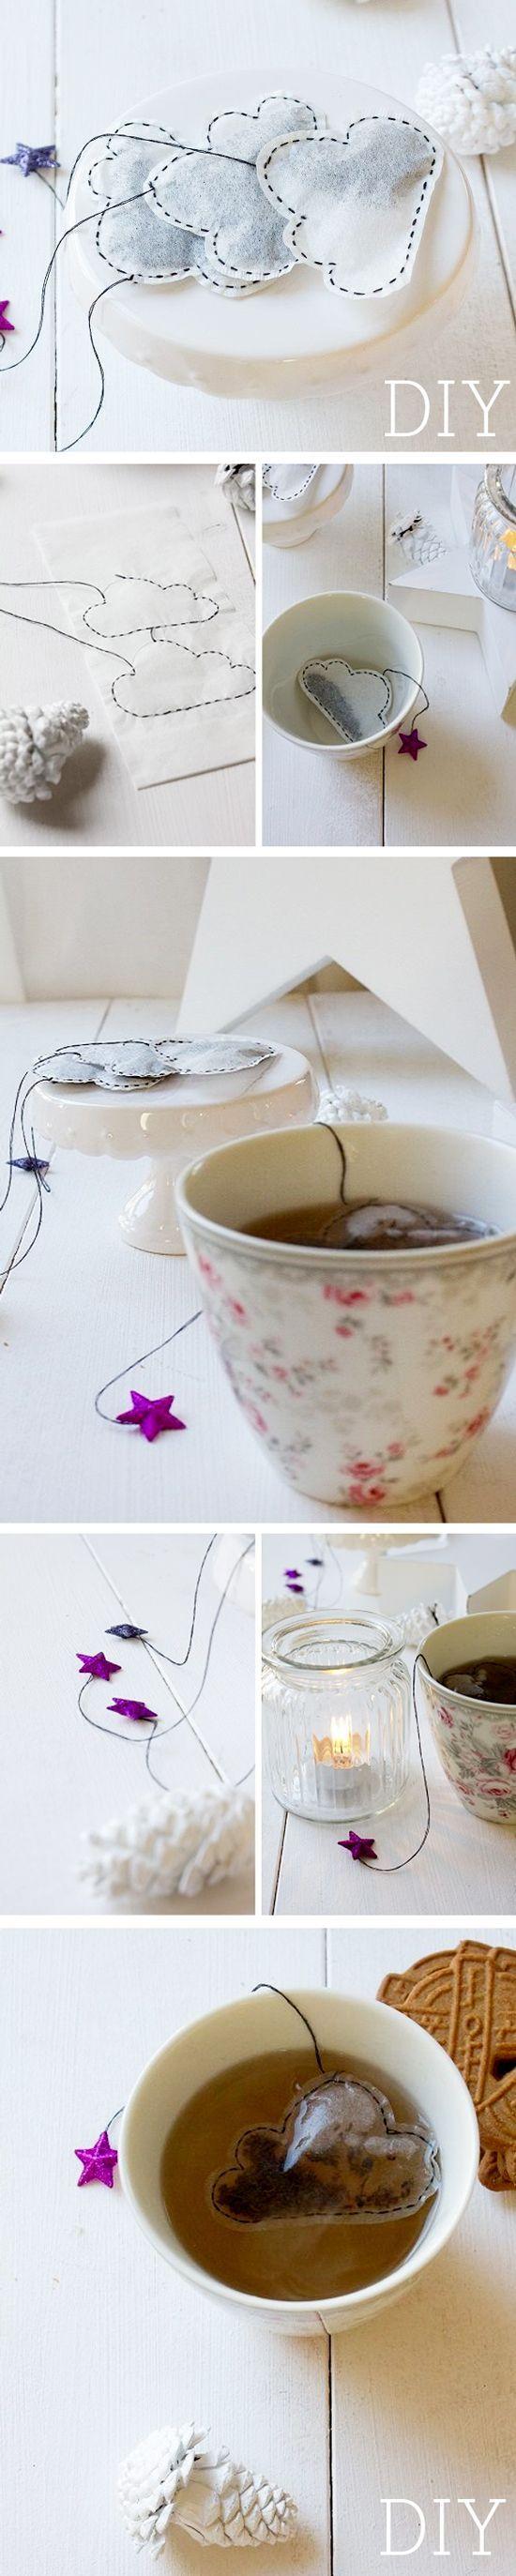 #TUTO : idée cadeau pour thé addict : les sachet de thé nuage ! #tea #gift #xmas #cloud: